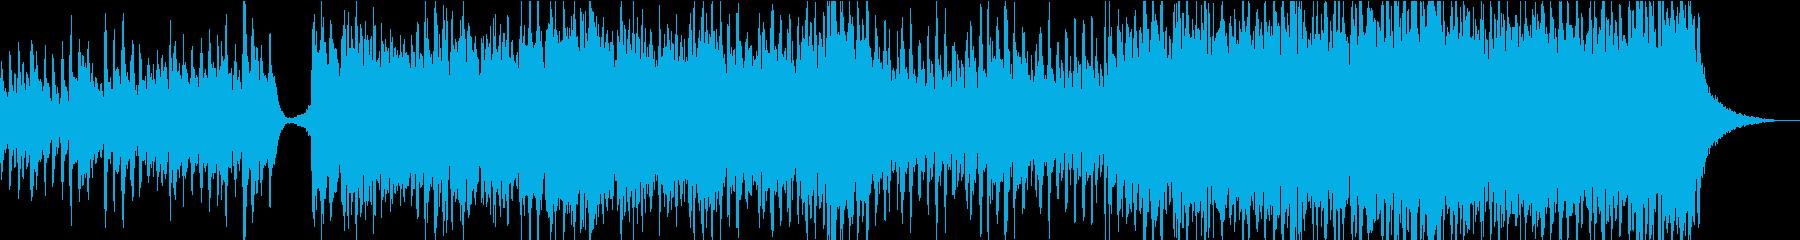 現代の交響曲 厳Sol 心に強く訴...の再生済みの波形